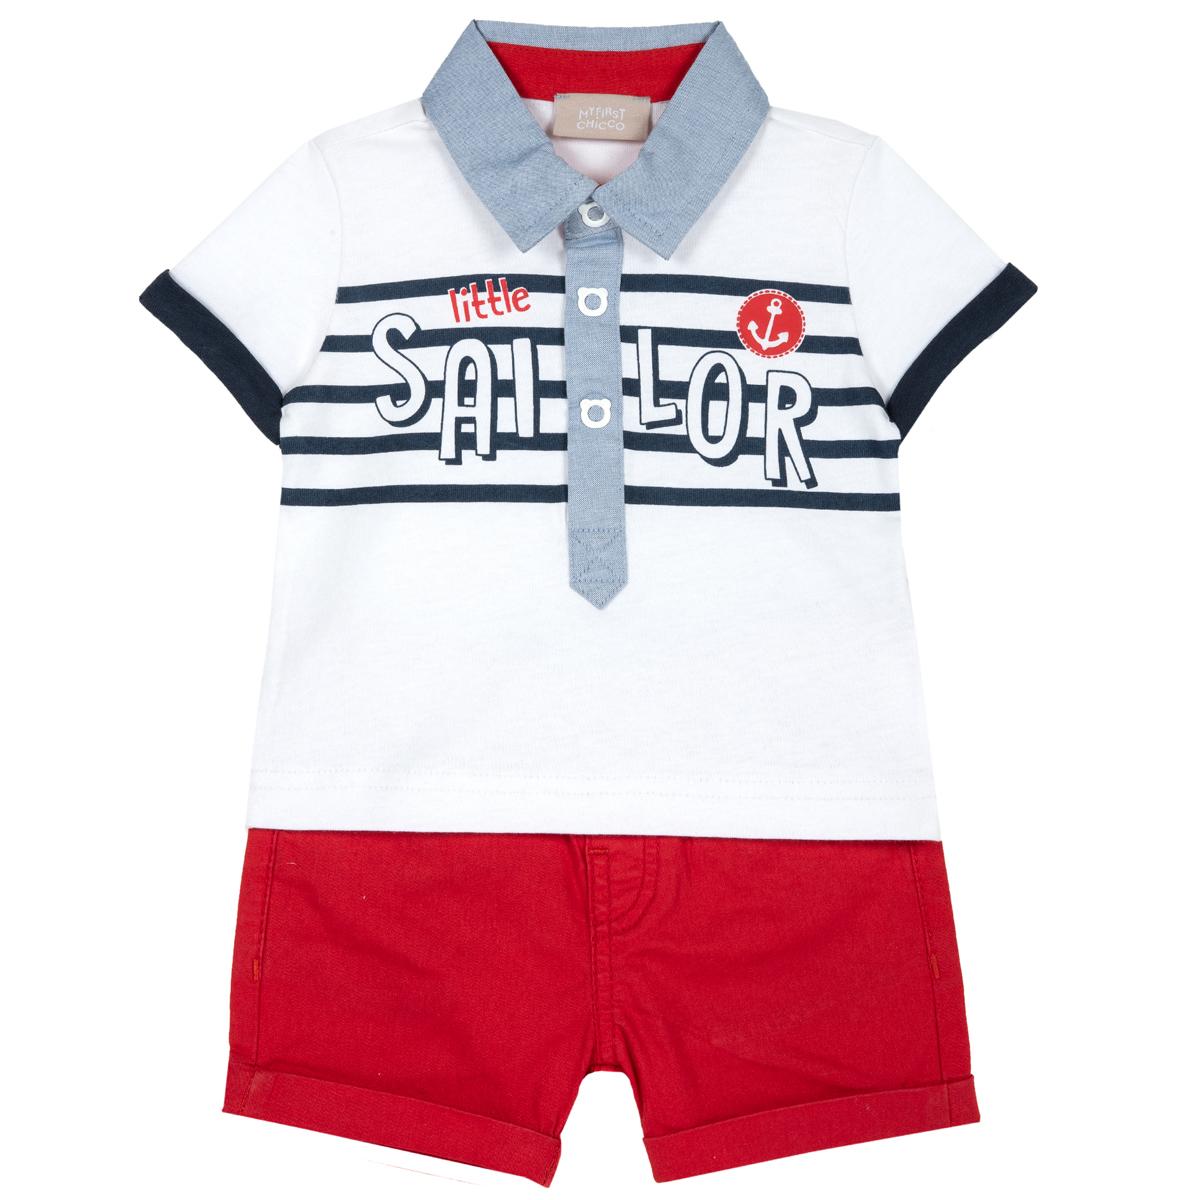 Costum Copii Chicco, Tricou Si Pantalon, Rosu Cu Roz, 76394 imagine